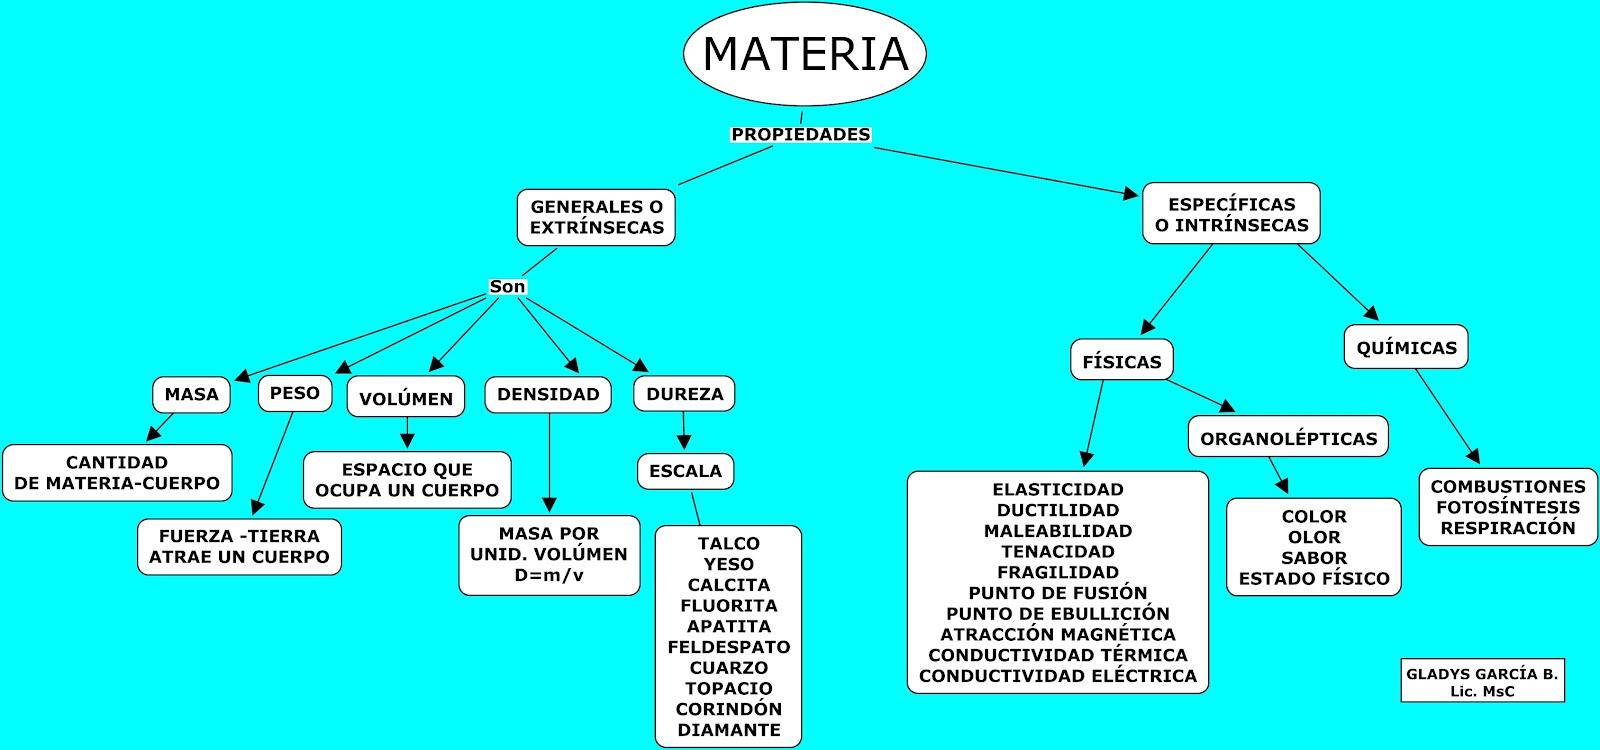 Propiedades de la materia pictures for Marmol caracteristicas y usos